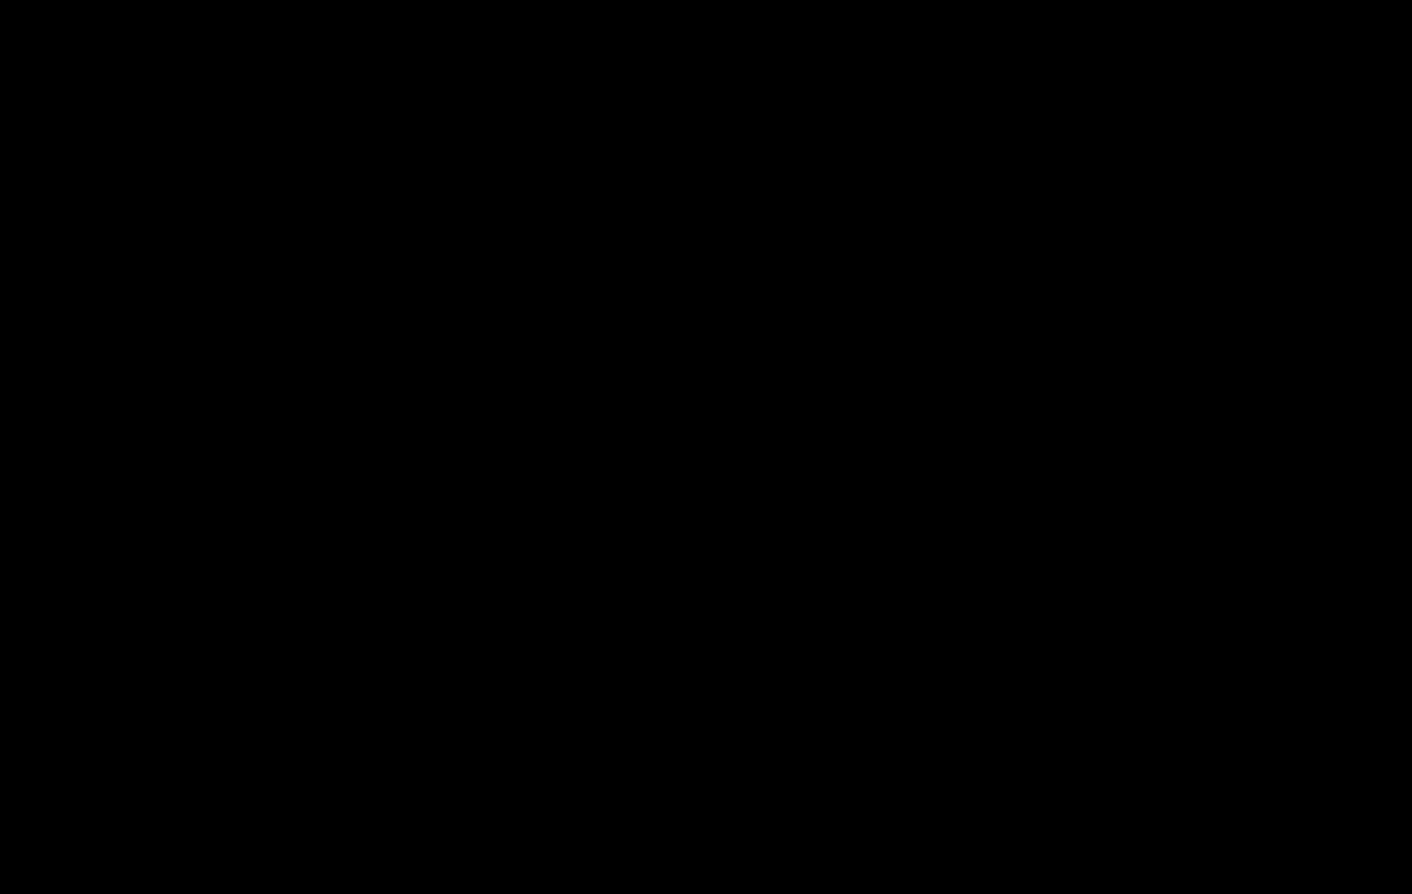 MAL-dPEG®₄-Lys(t-boc)-NH-m-dPEG®₂₄